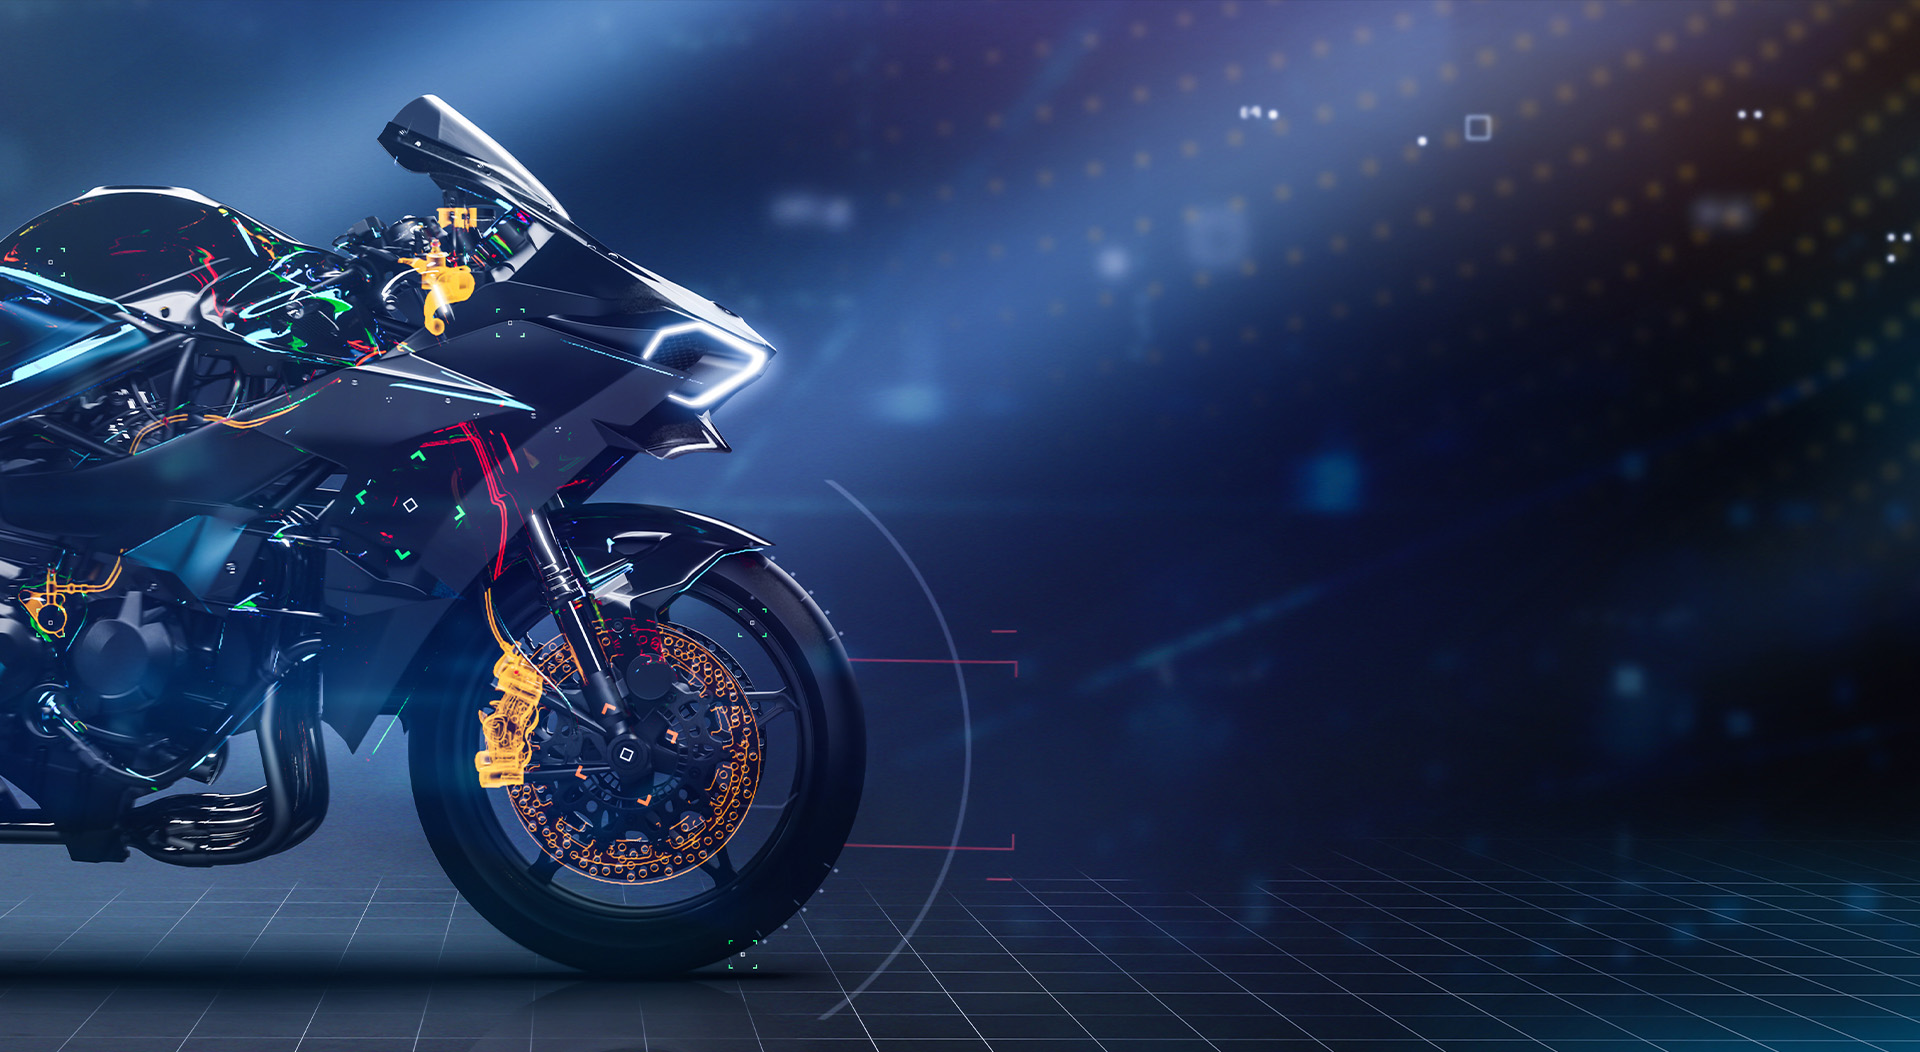 racing motorcycles slide